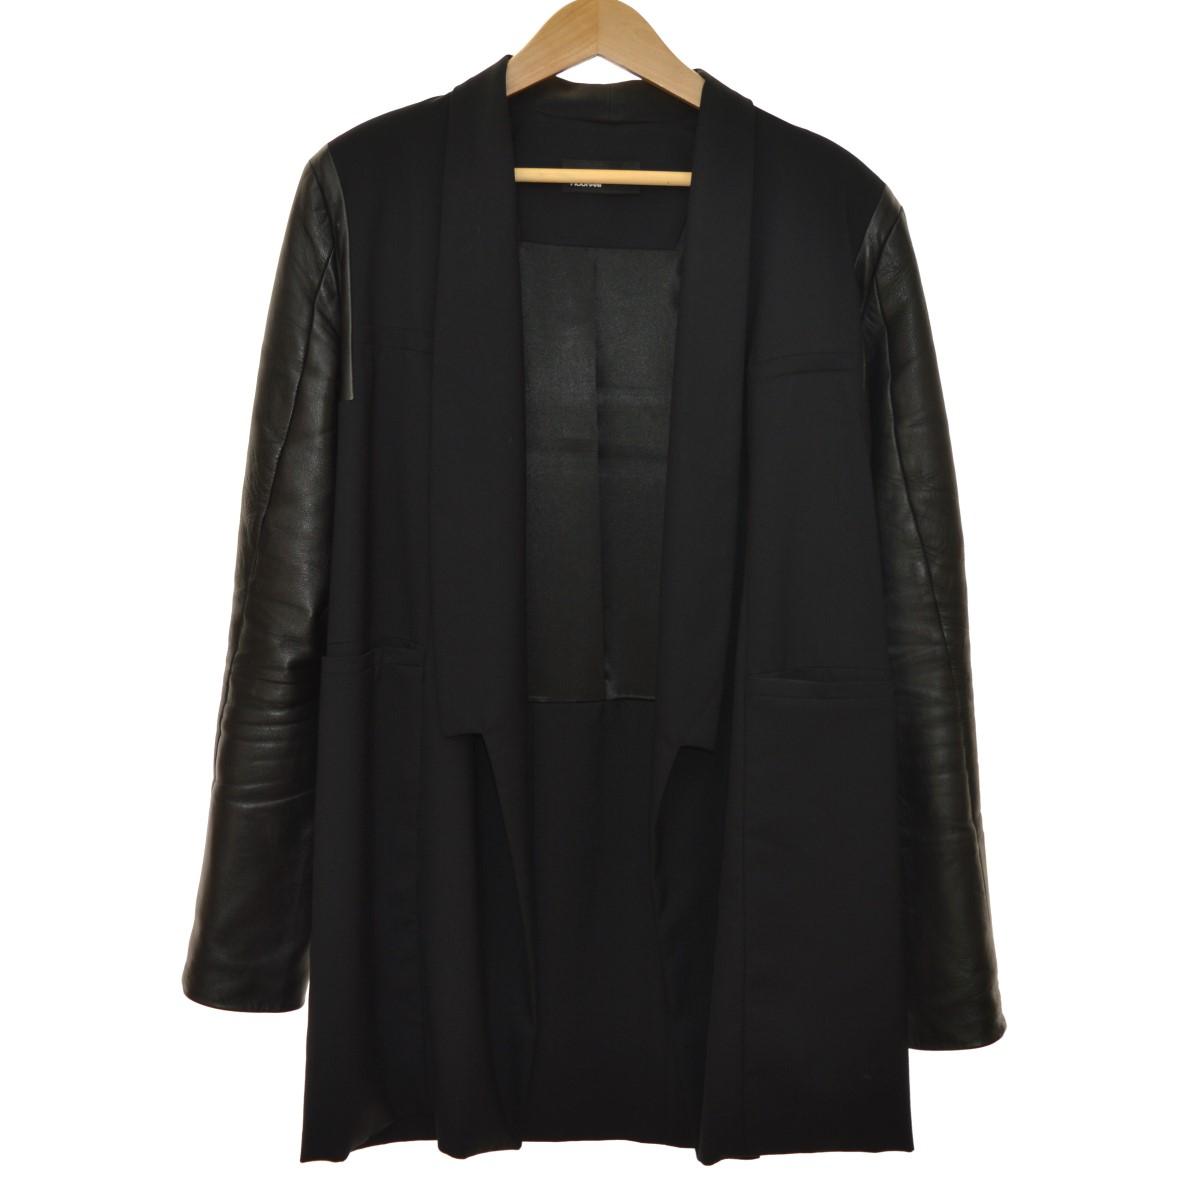 【中古】RAD HOURANI 袖レザージャケット ブラック サイズ:2 【120520】(ラッドハウラニ)